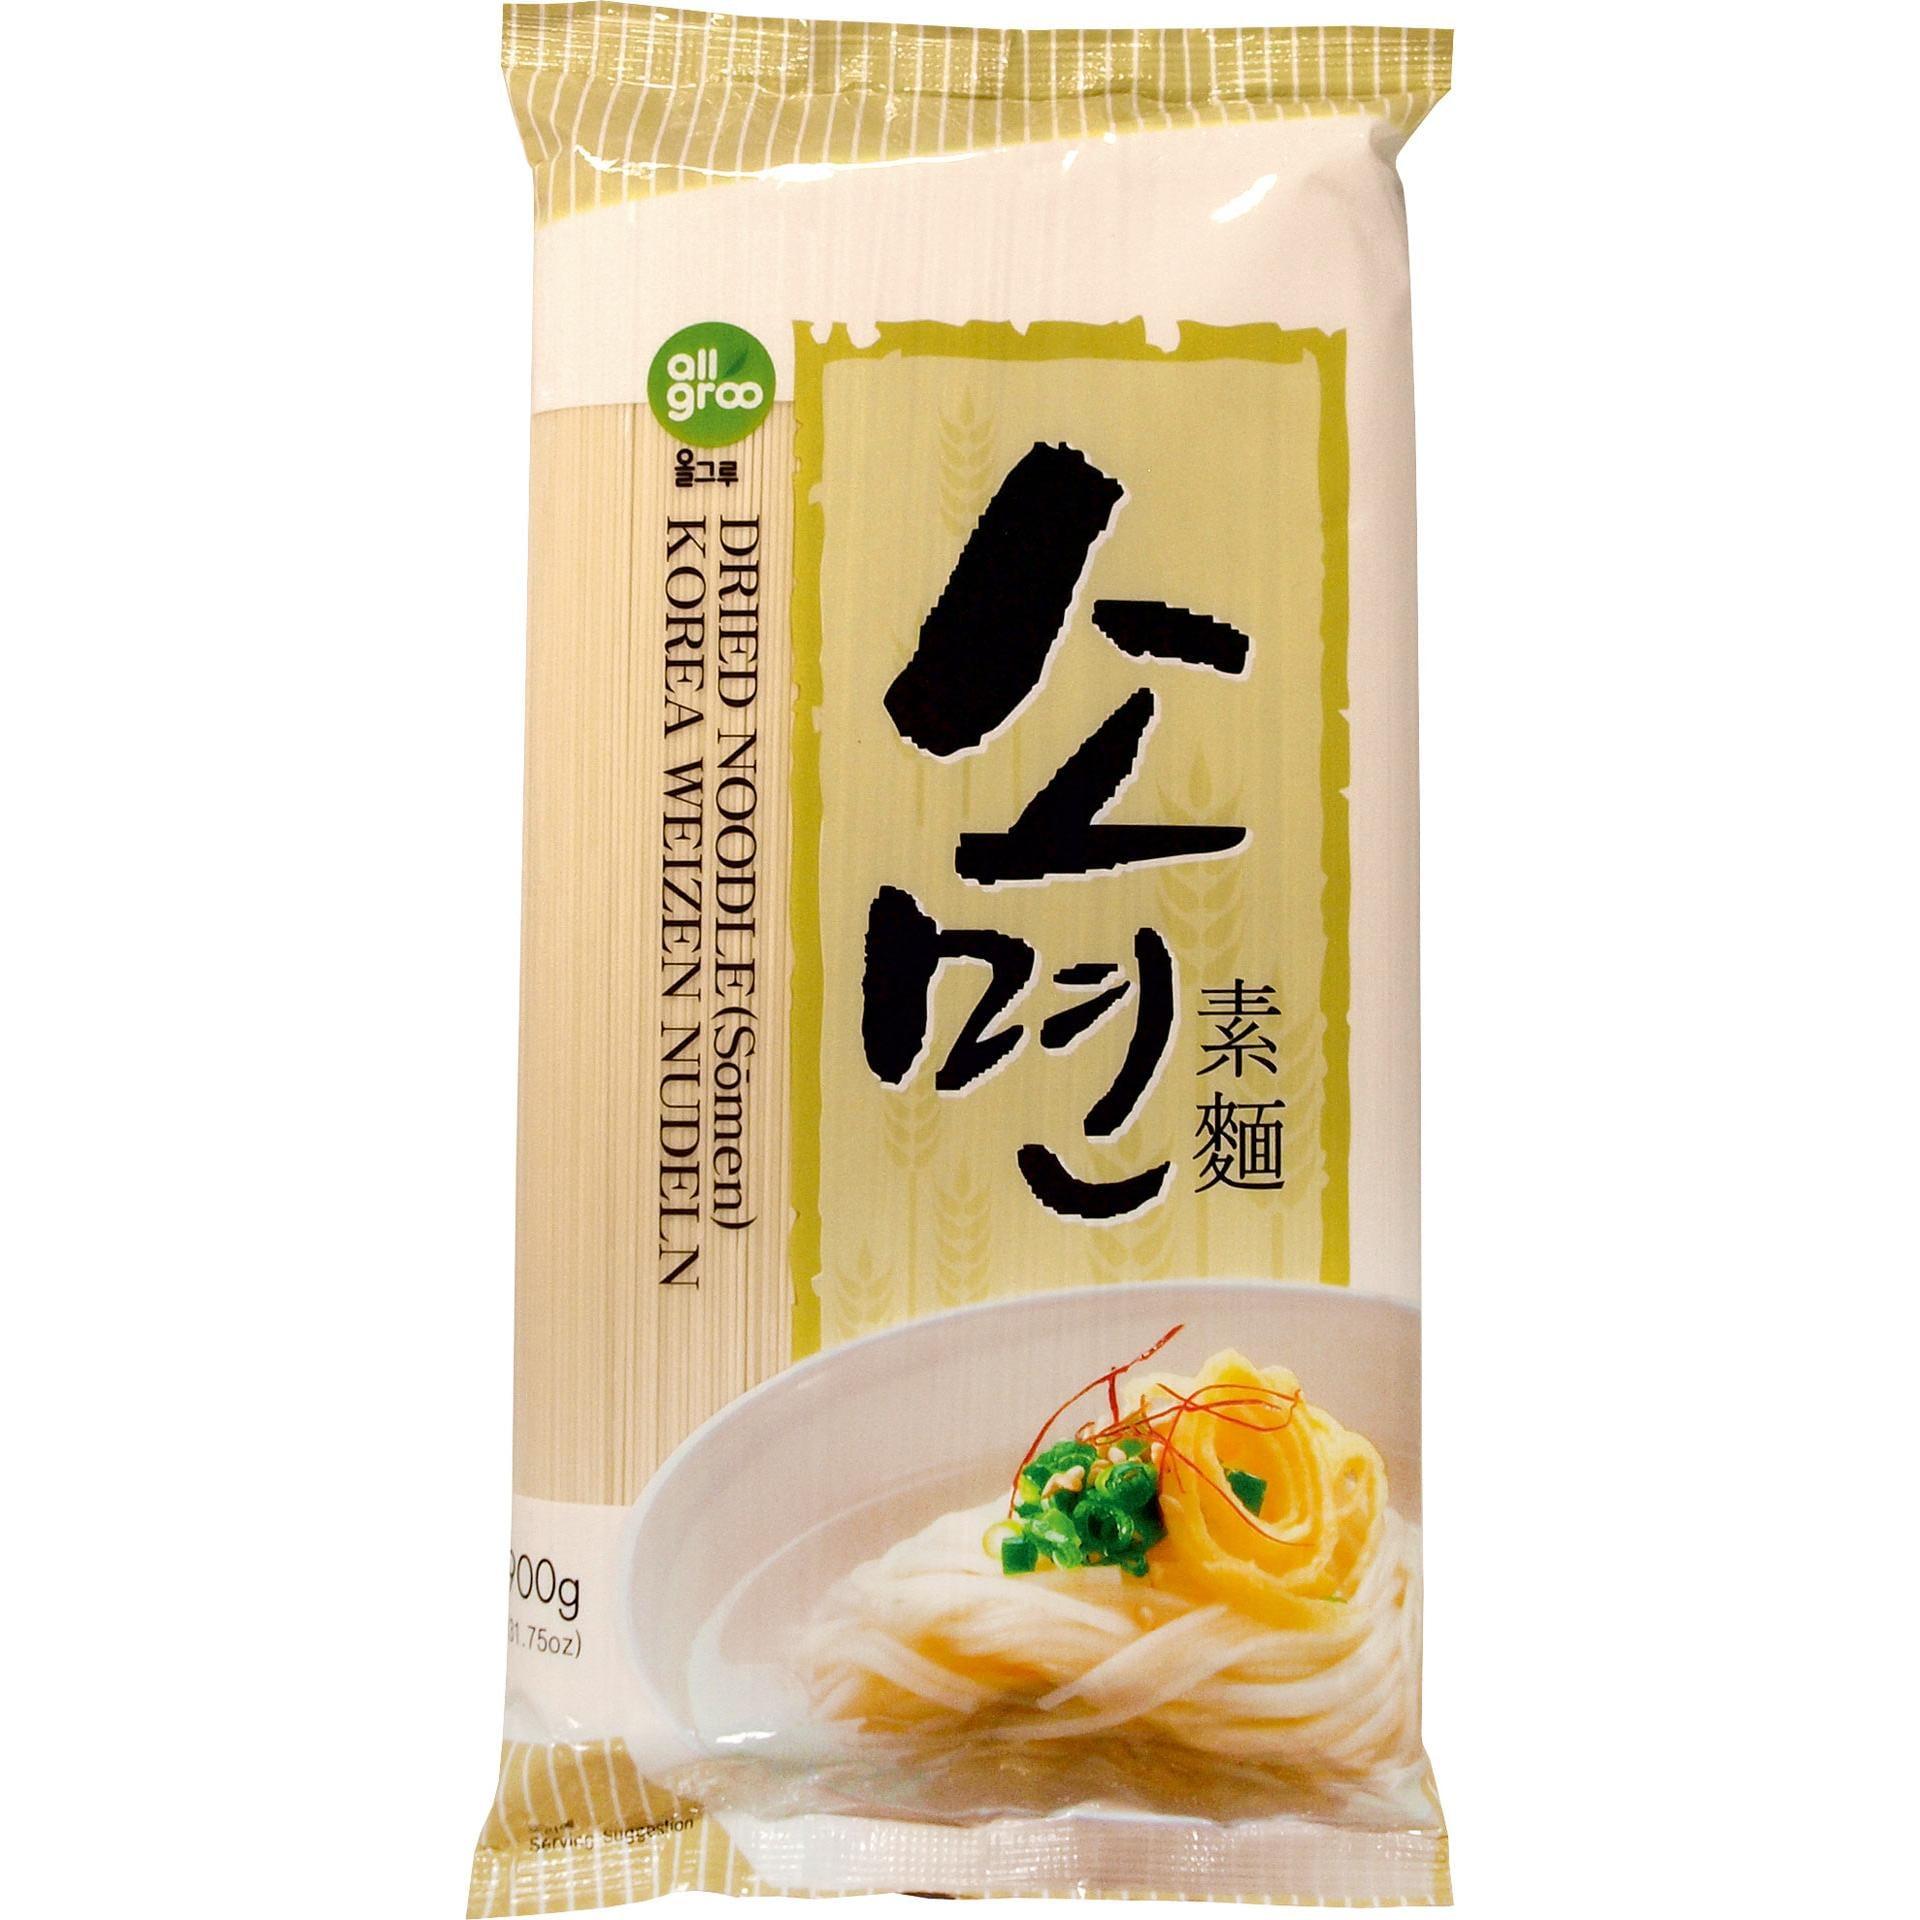 Allgroo - Korea Weizen Nudeln - 900g